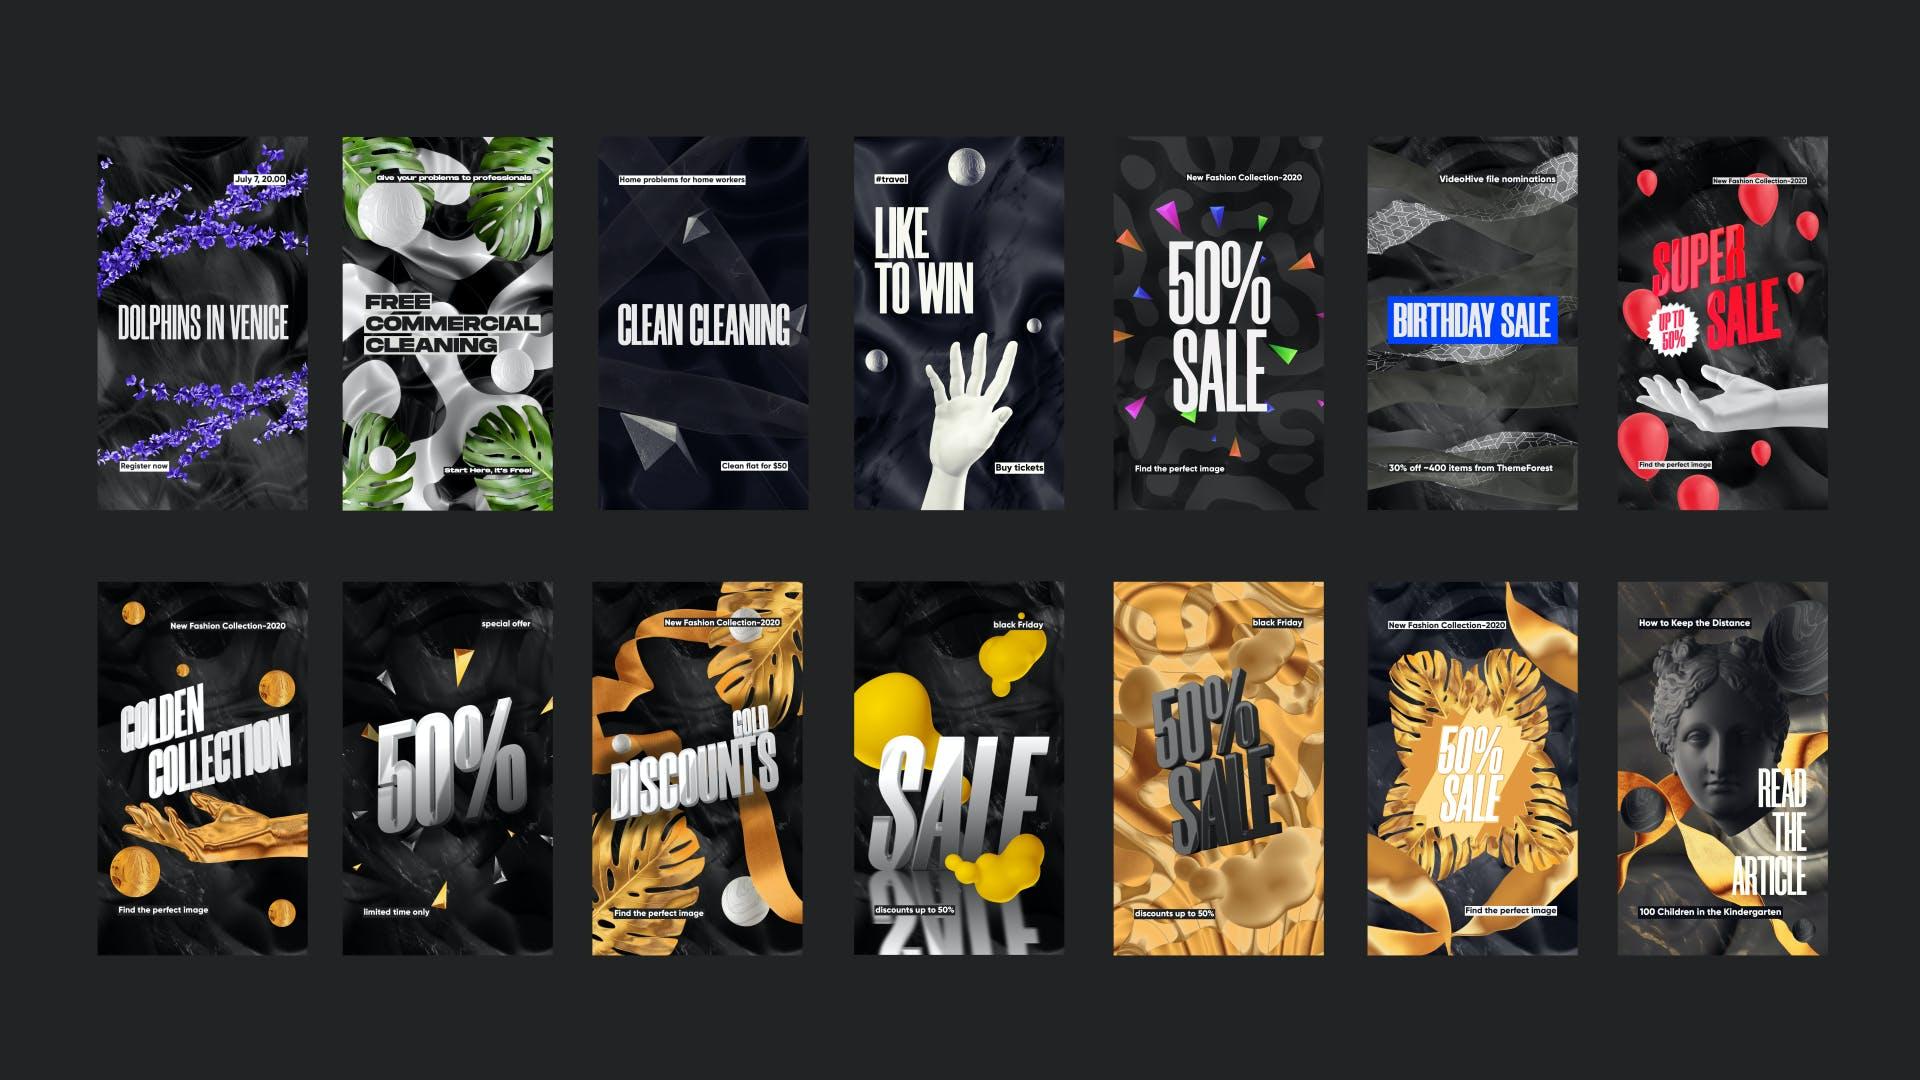 黑色高端品牌推广新媒体电商海报设计PSD模板 Sale Promotion Social Media Kit插图(2)